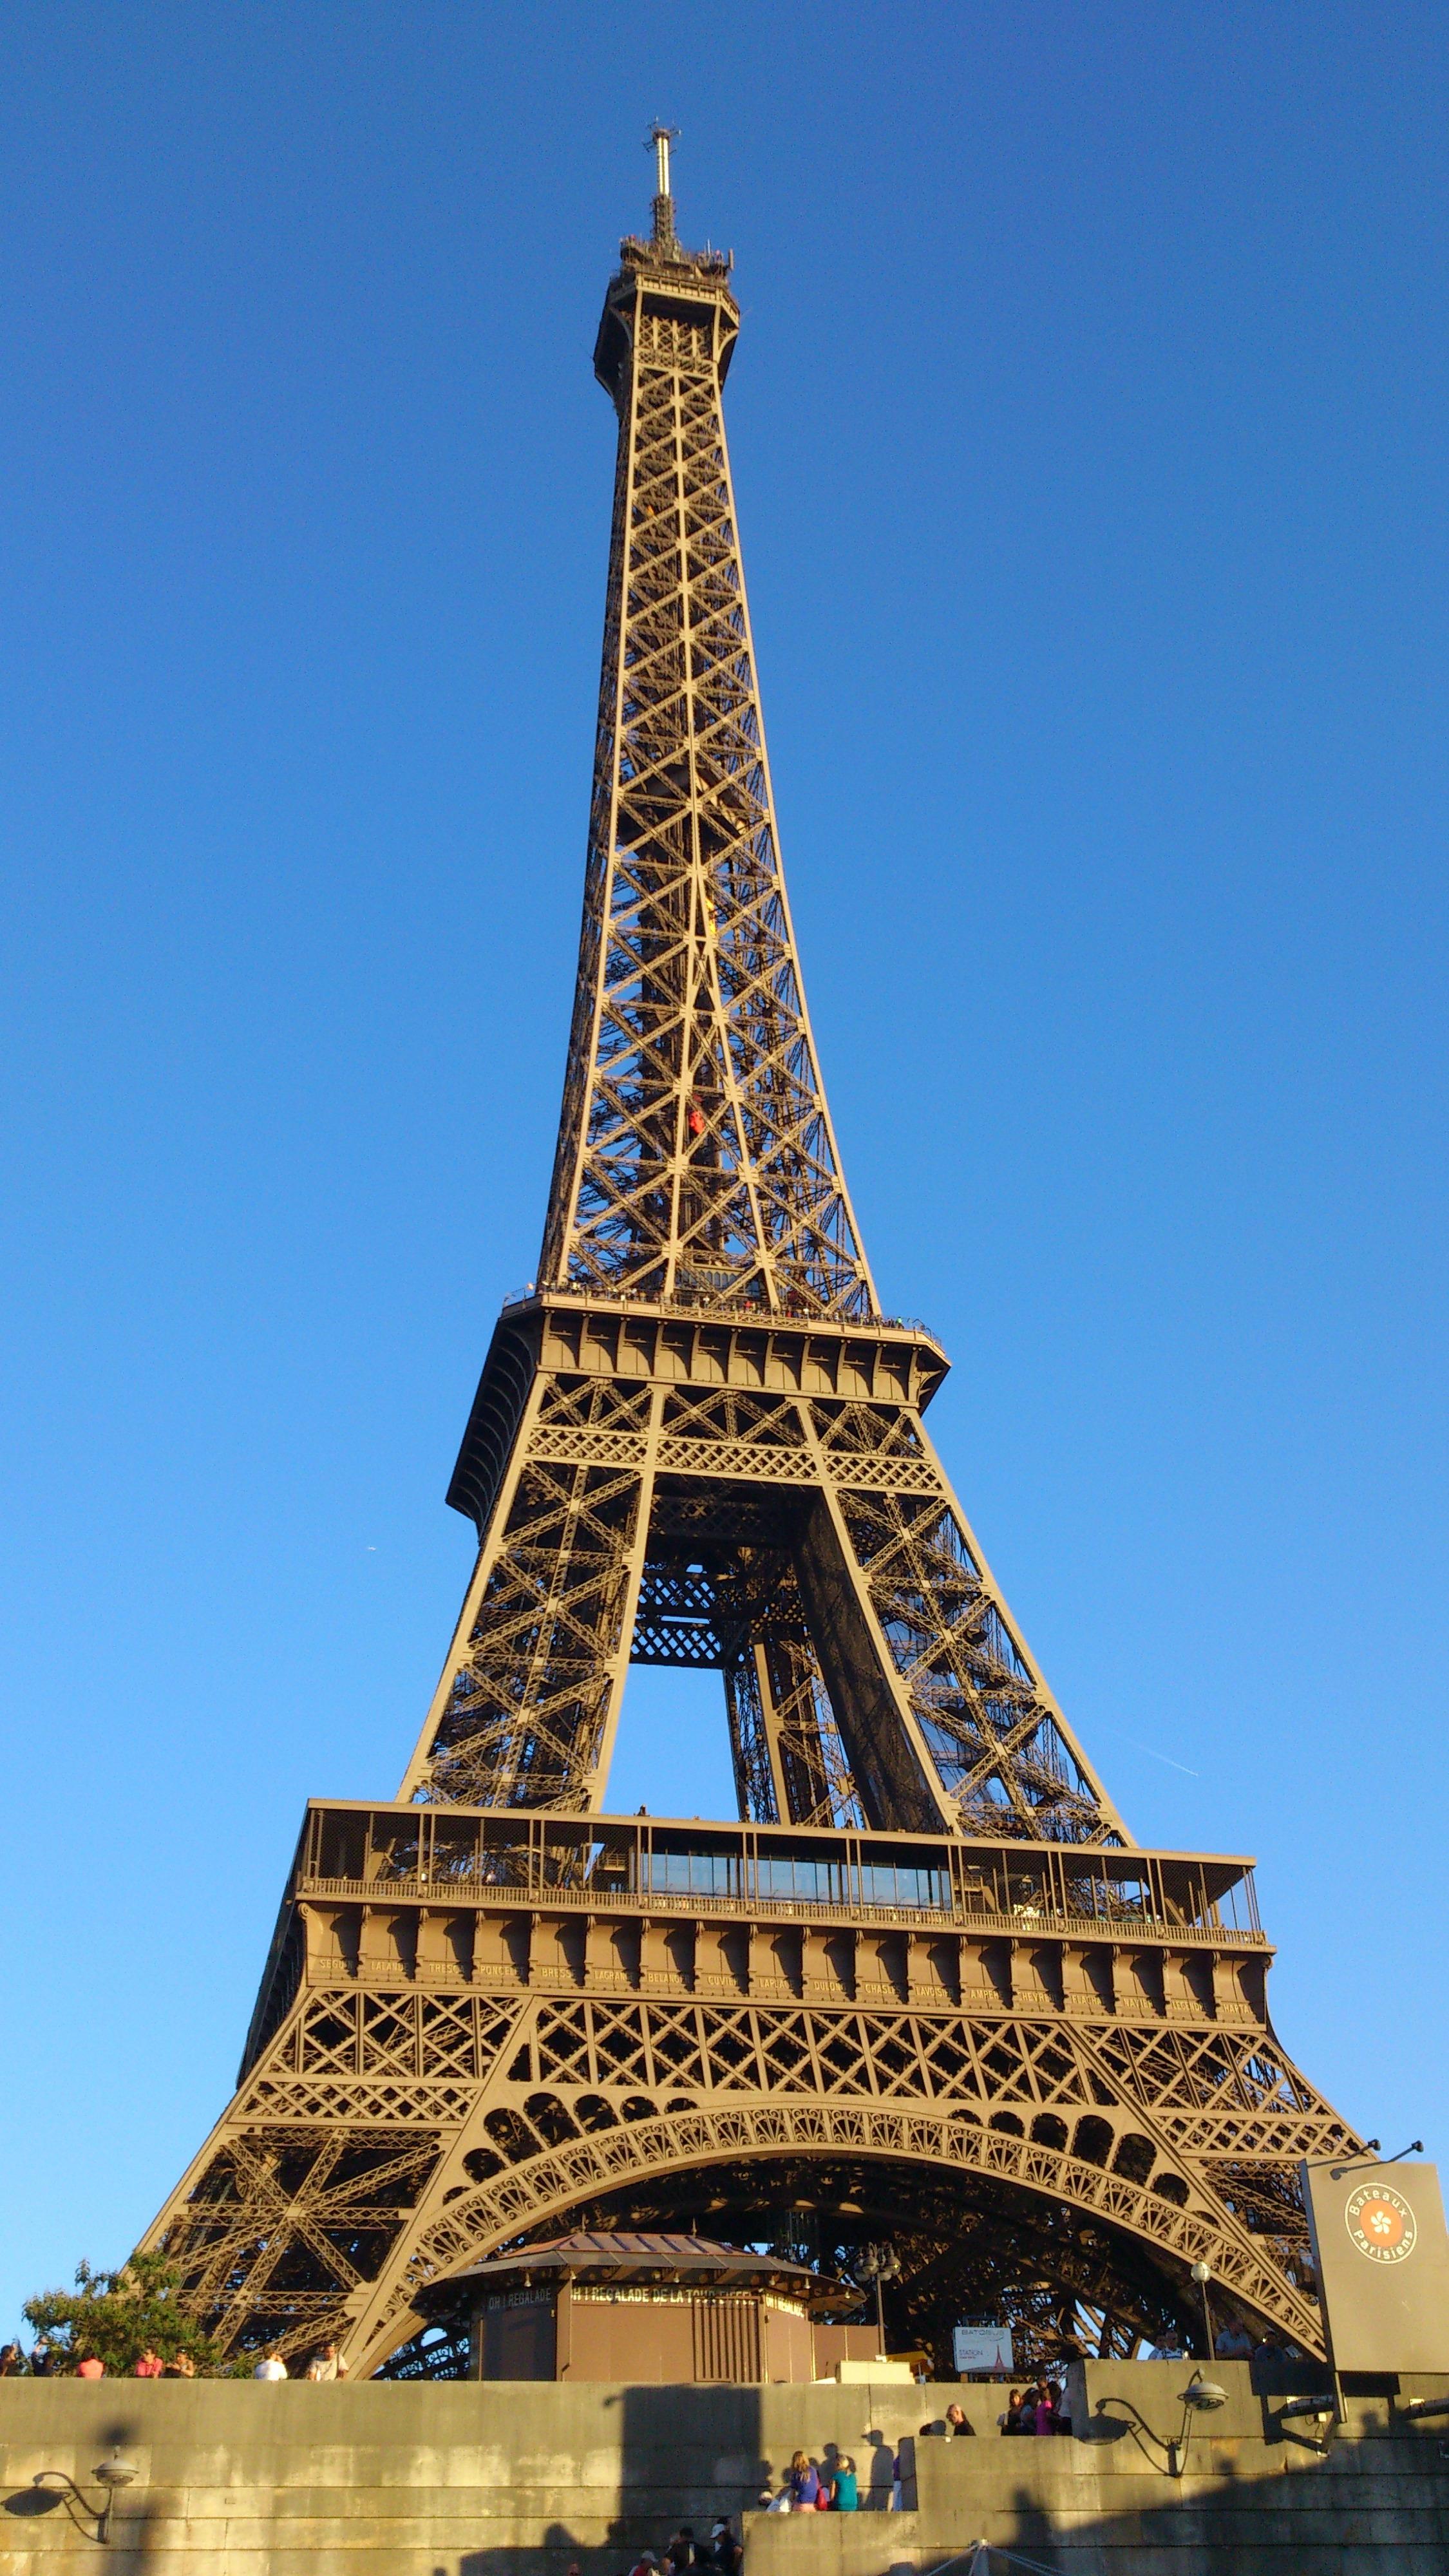 Bildet Arkitektur Bygning Eiffeltarnet Paris Frankrike Tarn Landemerke Klokketarn Expo Spir Kirketarn Pagoda 2250x4000 1116968 Bilder Gratis Pxhere